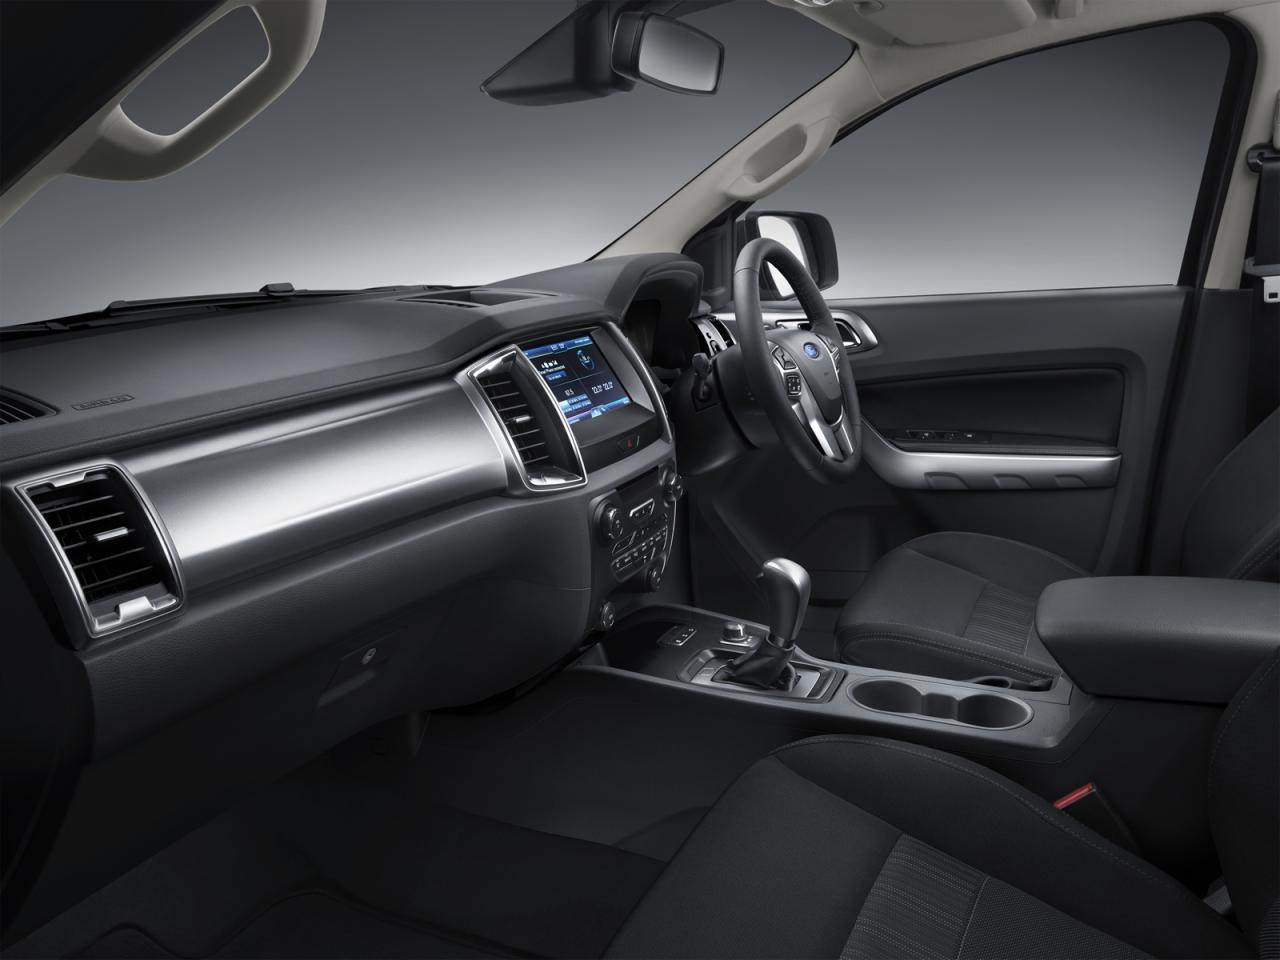 ford ranger front 2016 ford ranger 2016 ford ranger rear 2016 ford - 2002 Ford Ranger Interior